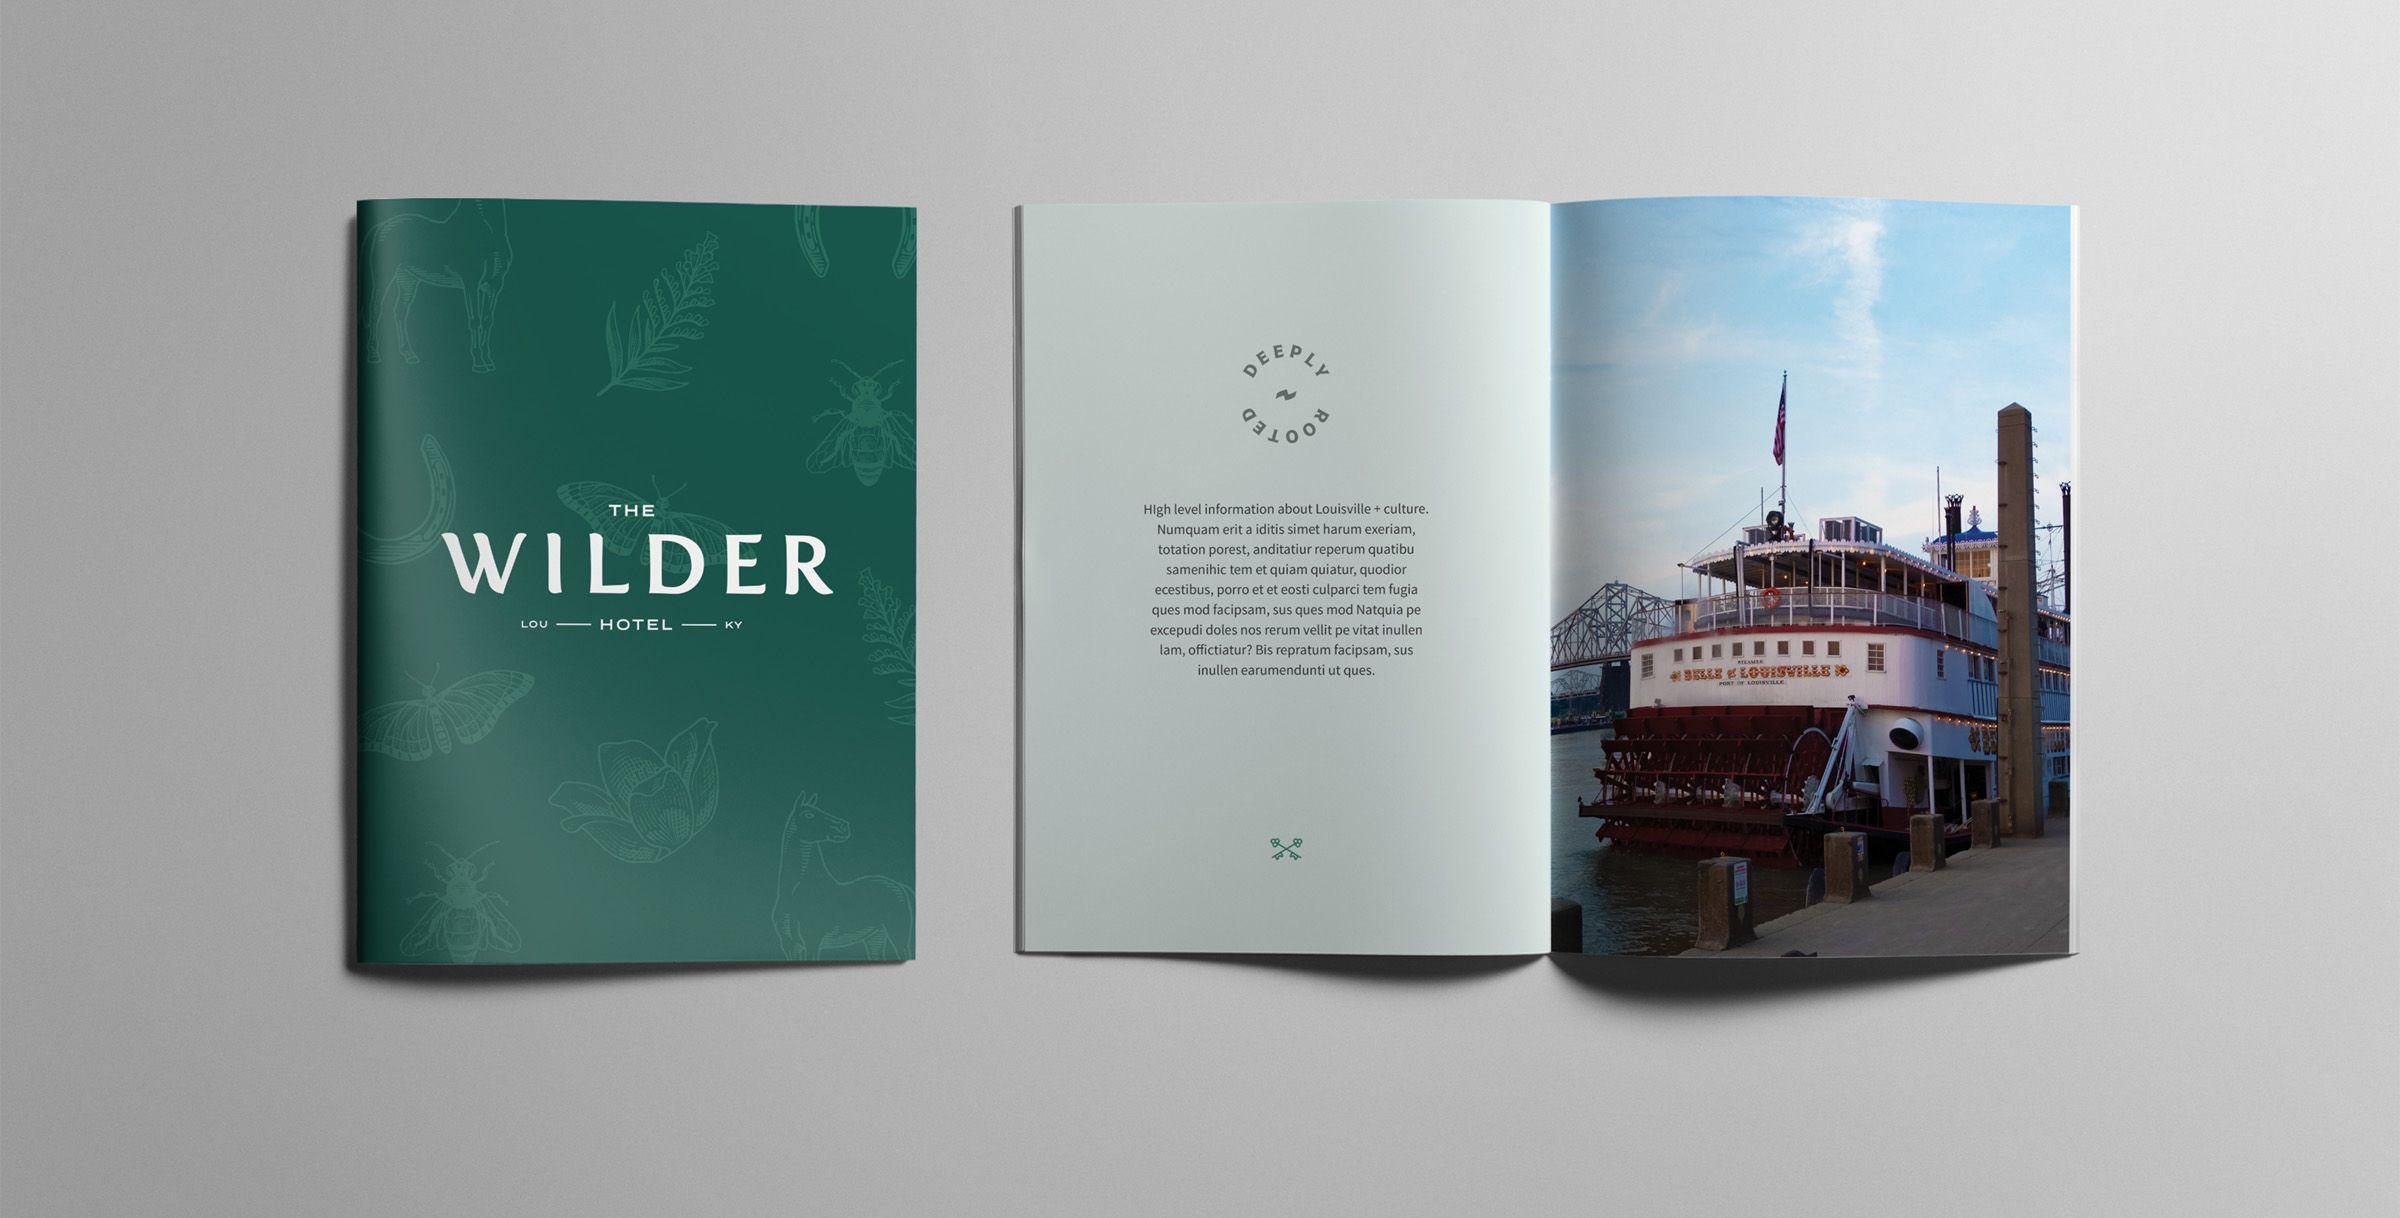 Wilder_Booklet-Mockup-wide.jpg